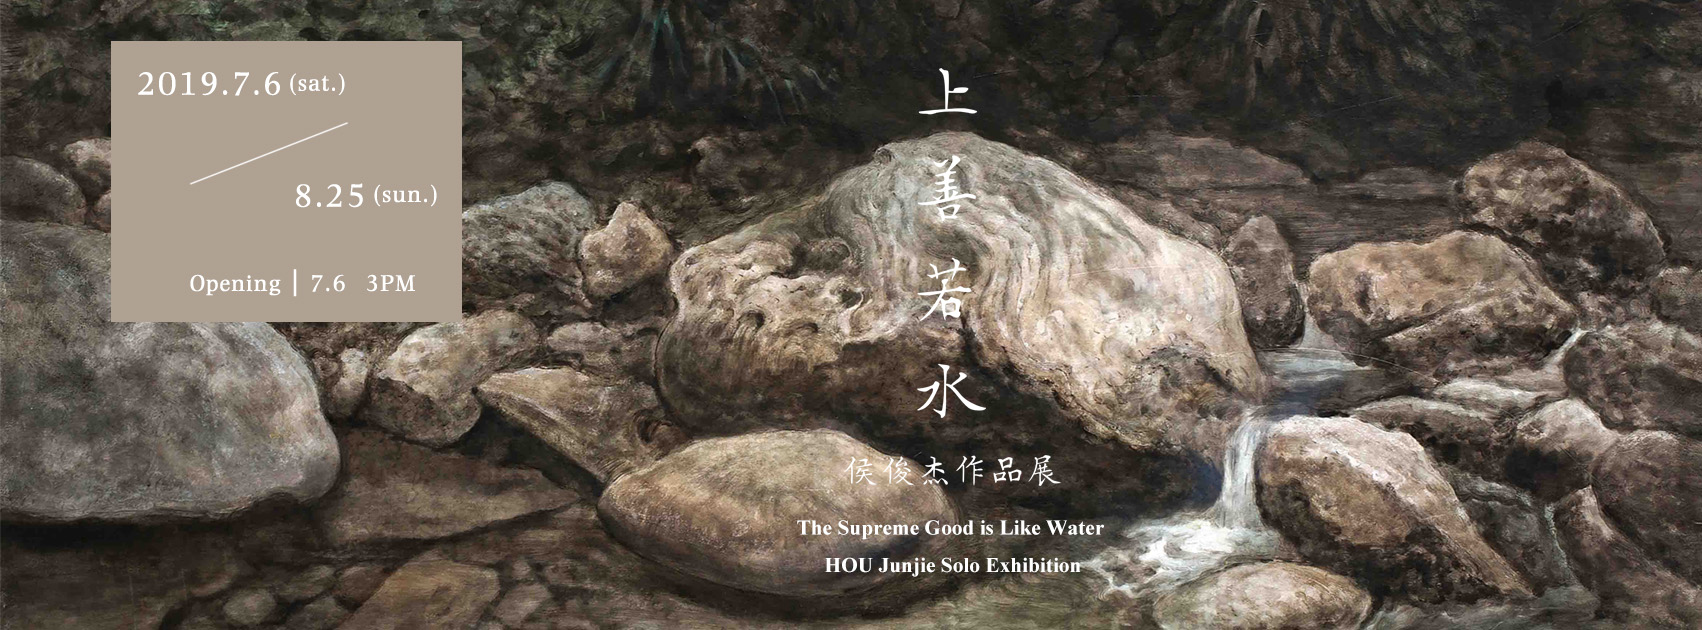 上善若水──侯俊杰作品展 The Supreme Good is Like Water-Hou Junjie Solo Exhibition.jpg